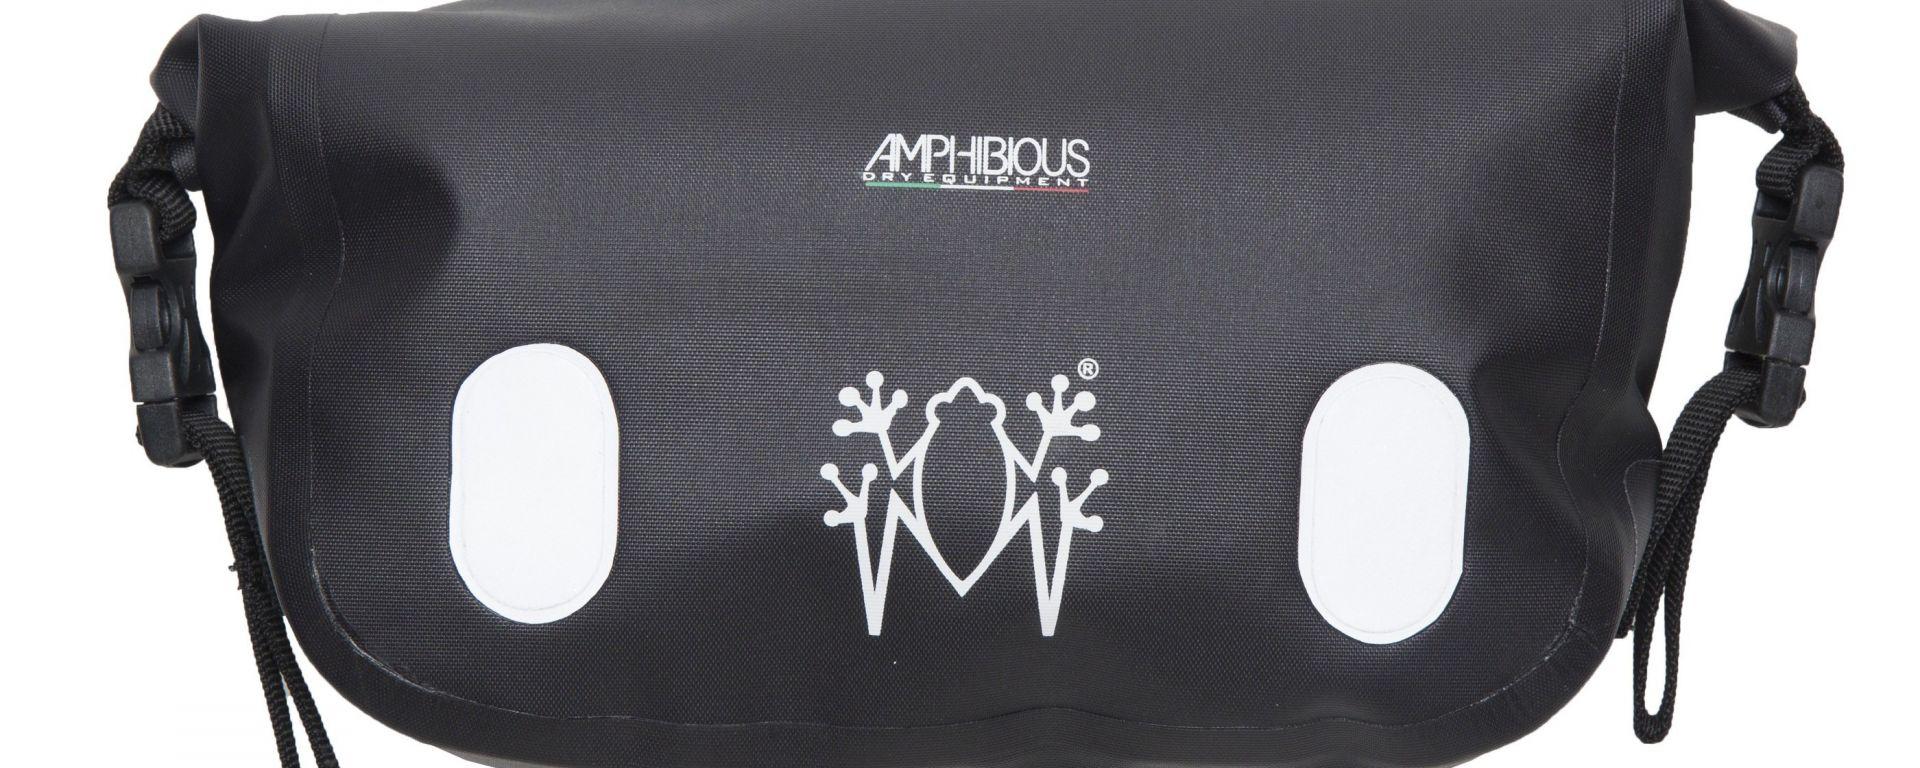 Amphibious Frontbag: altezza 12 cm - lunghezza 25 cm - profondità 6 cm